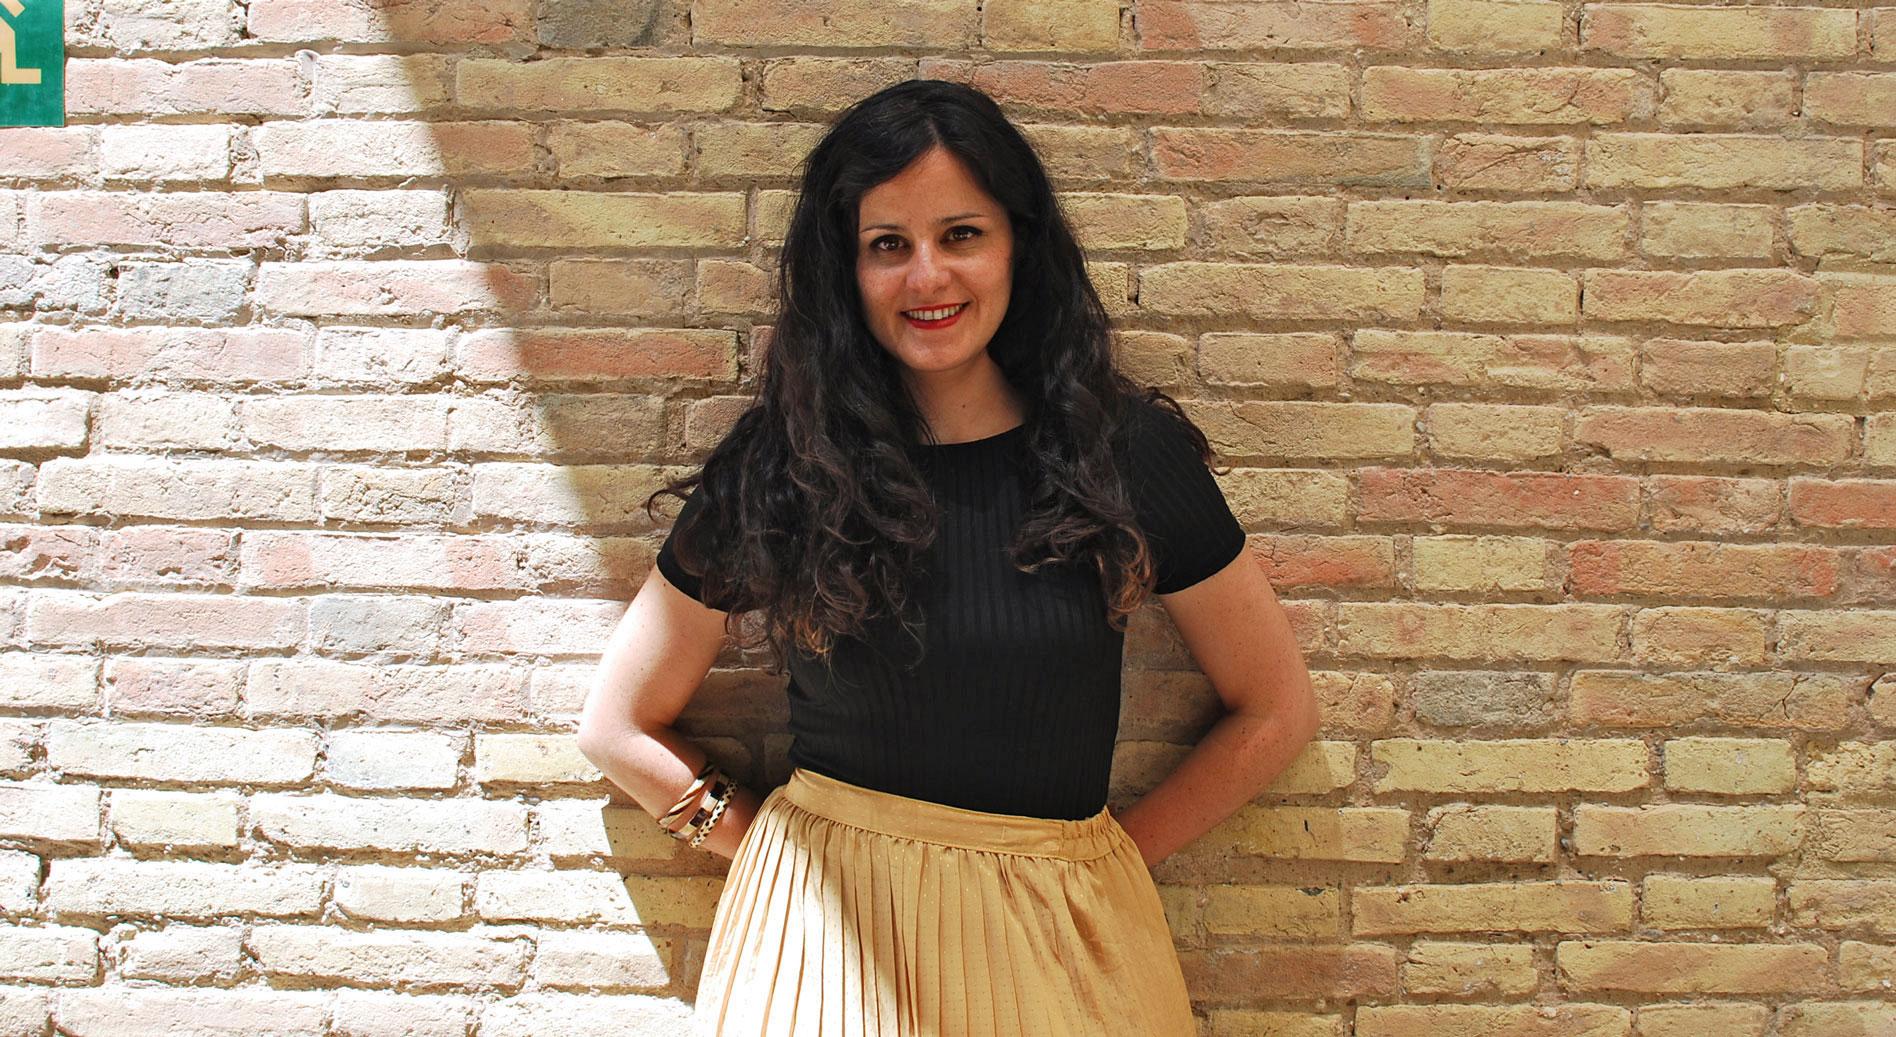 María Manero